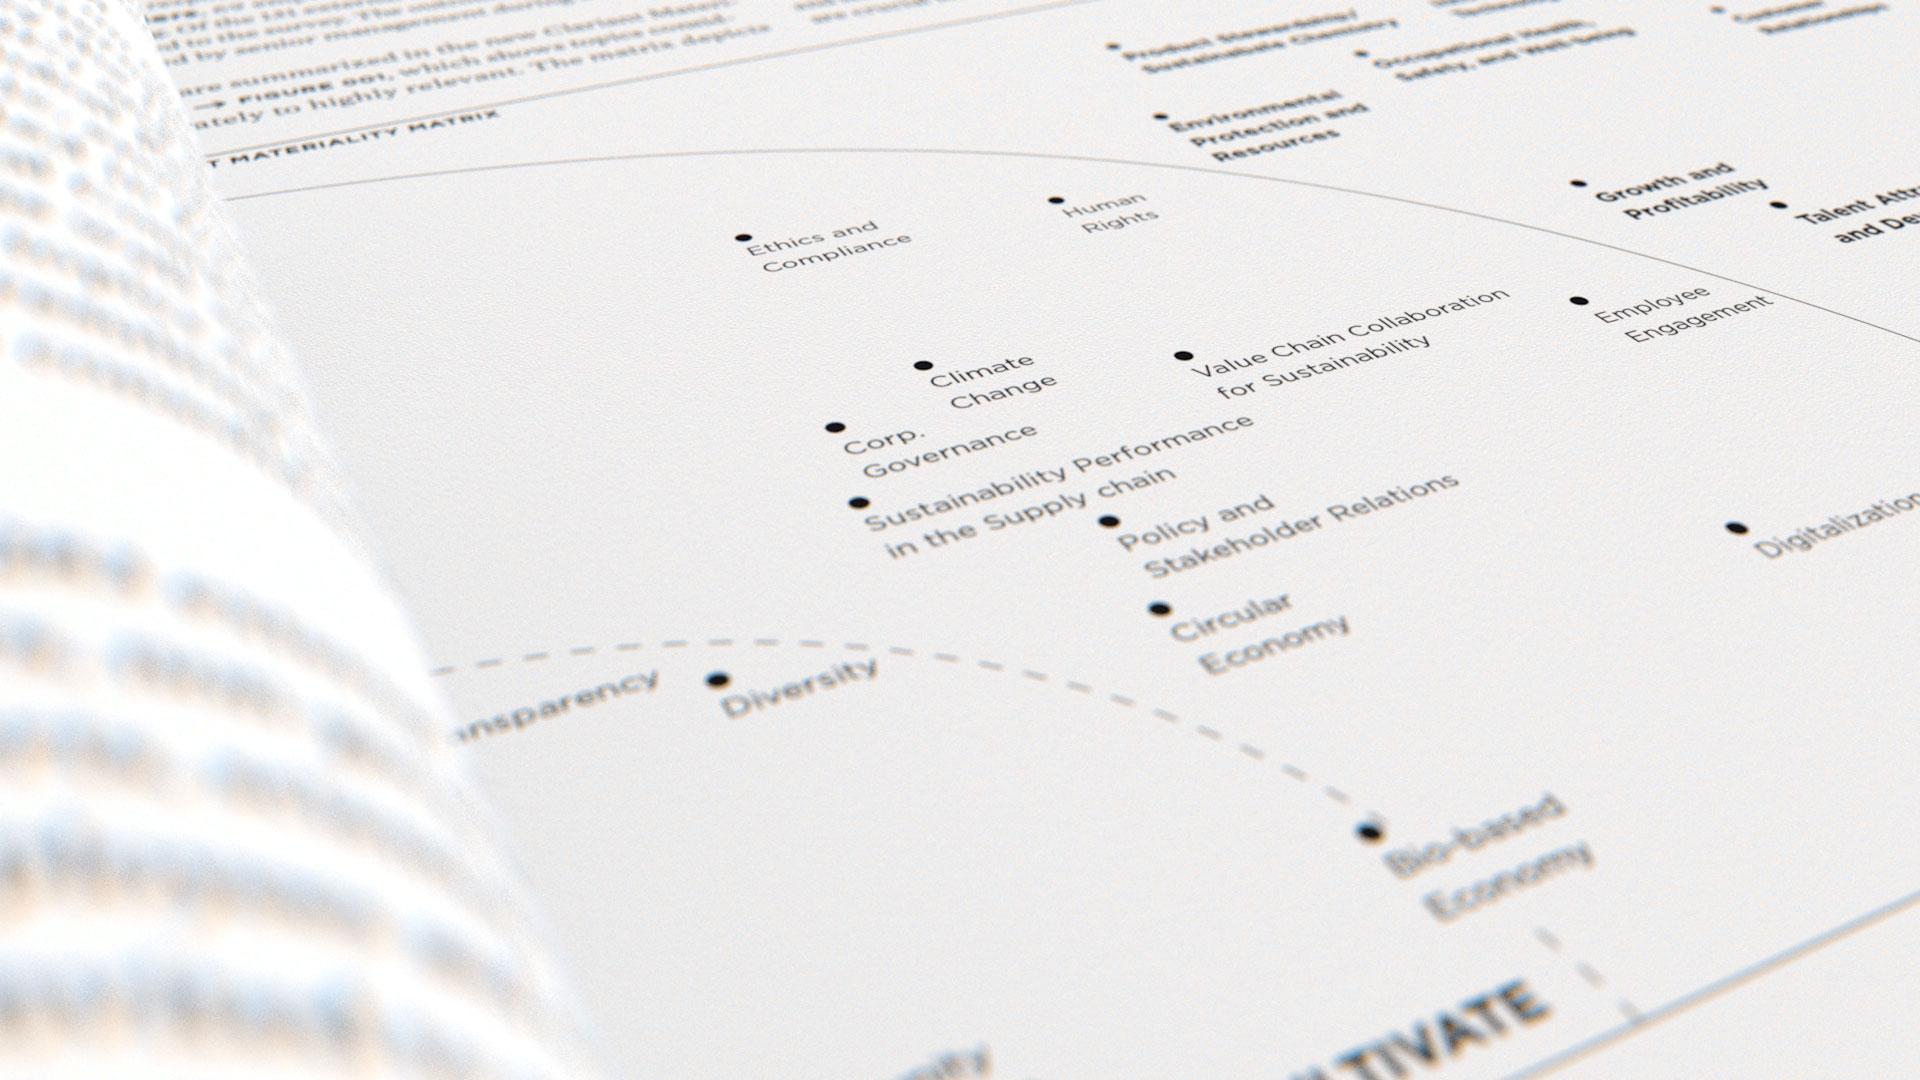 Clariant Integrierter Bericht 2017 Materialitäts-Matrix